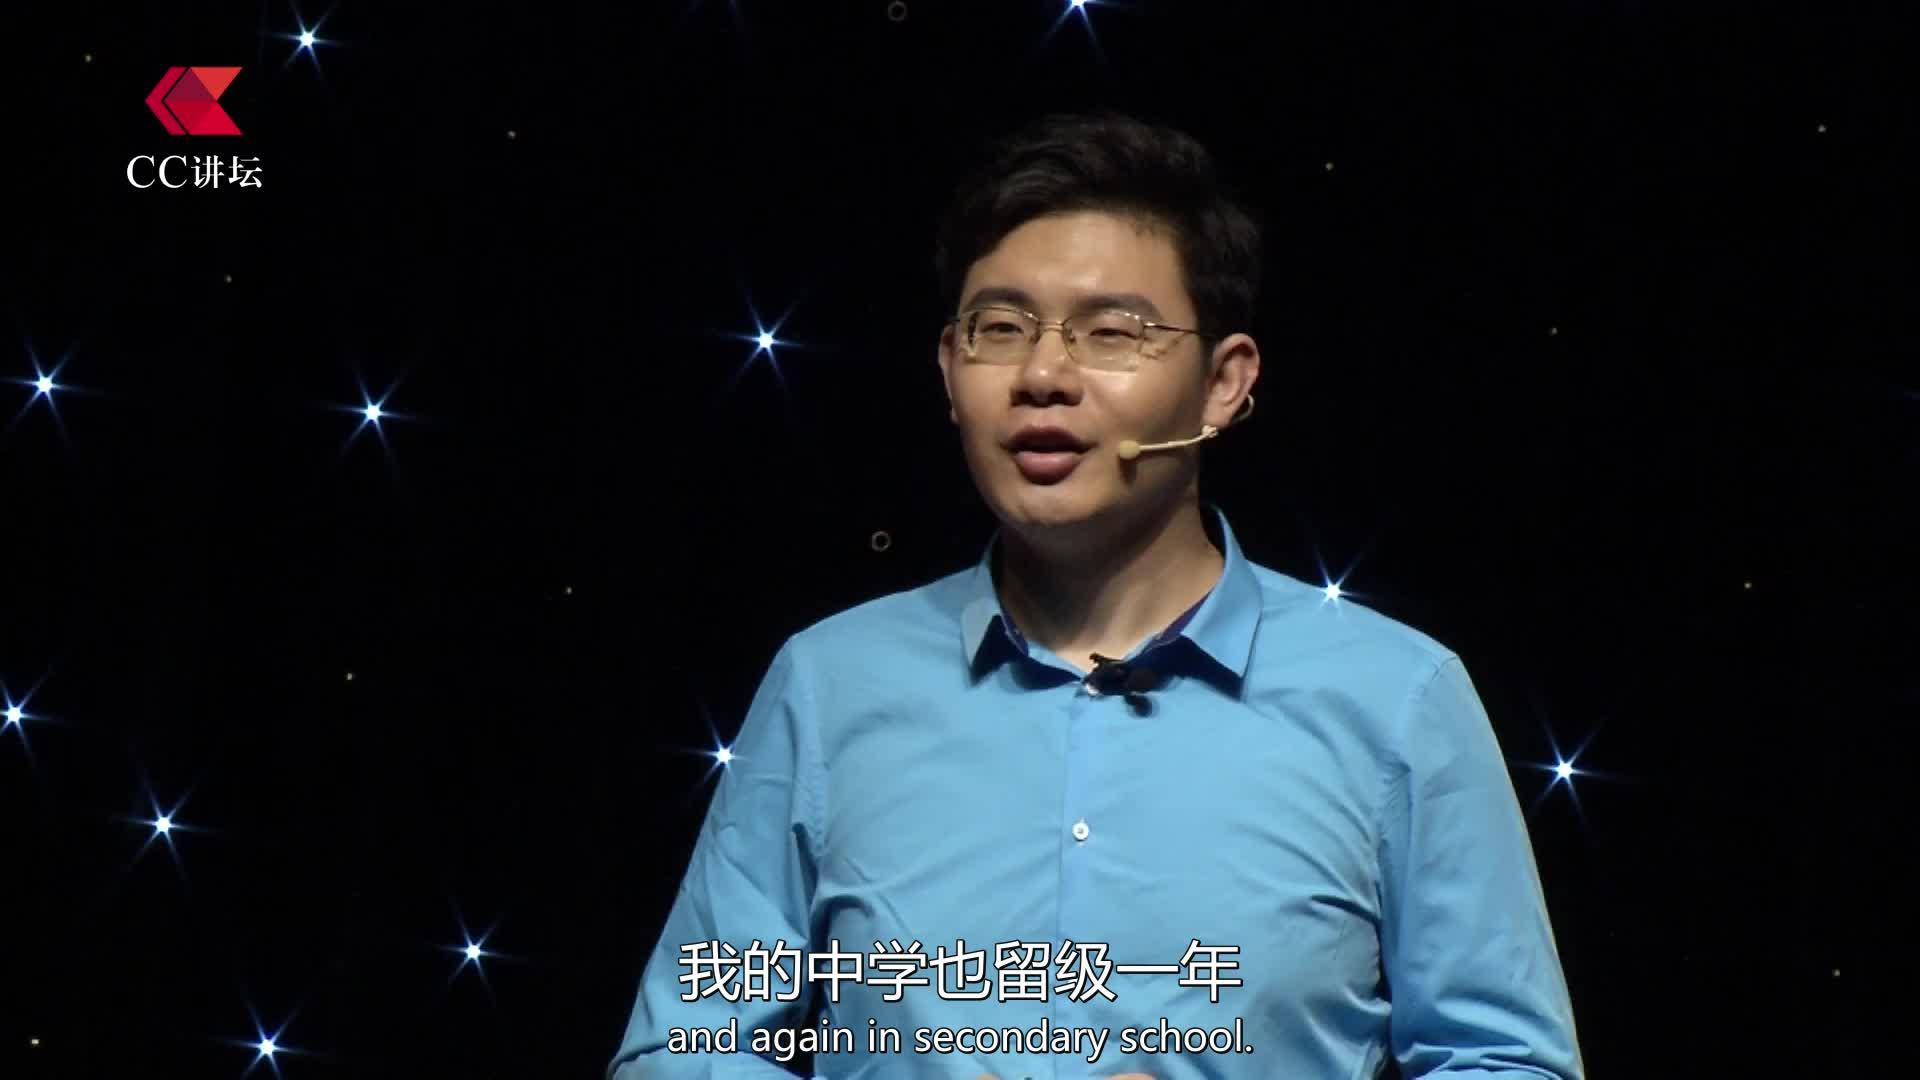 CC讲坛(公益)—戚泽明:给人生一个间隔年去寻找热爱